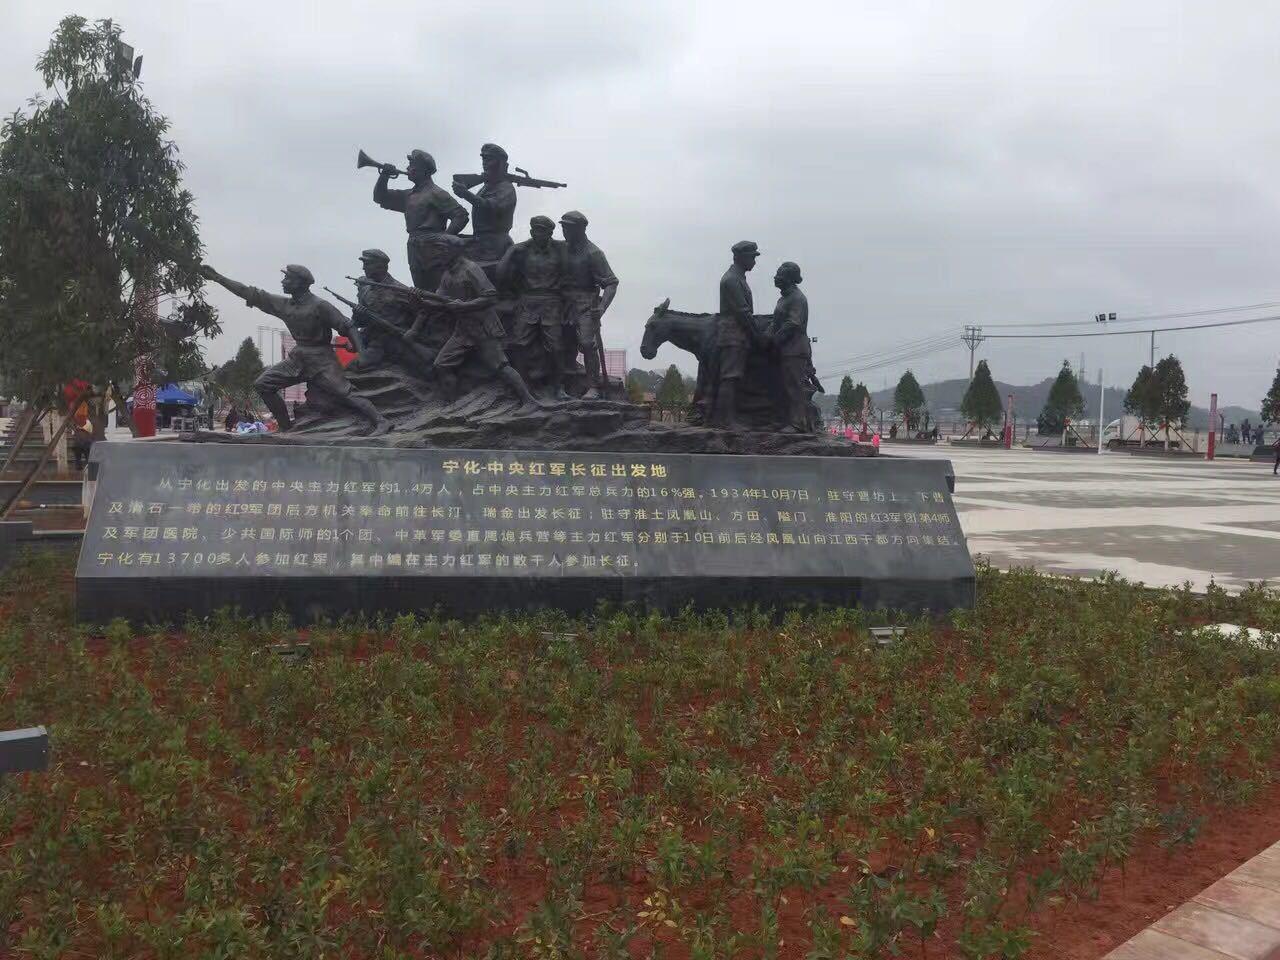 紅軍雕塑玻璃鋼戰爭雕塑2